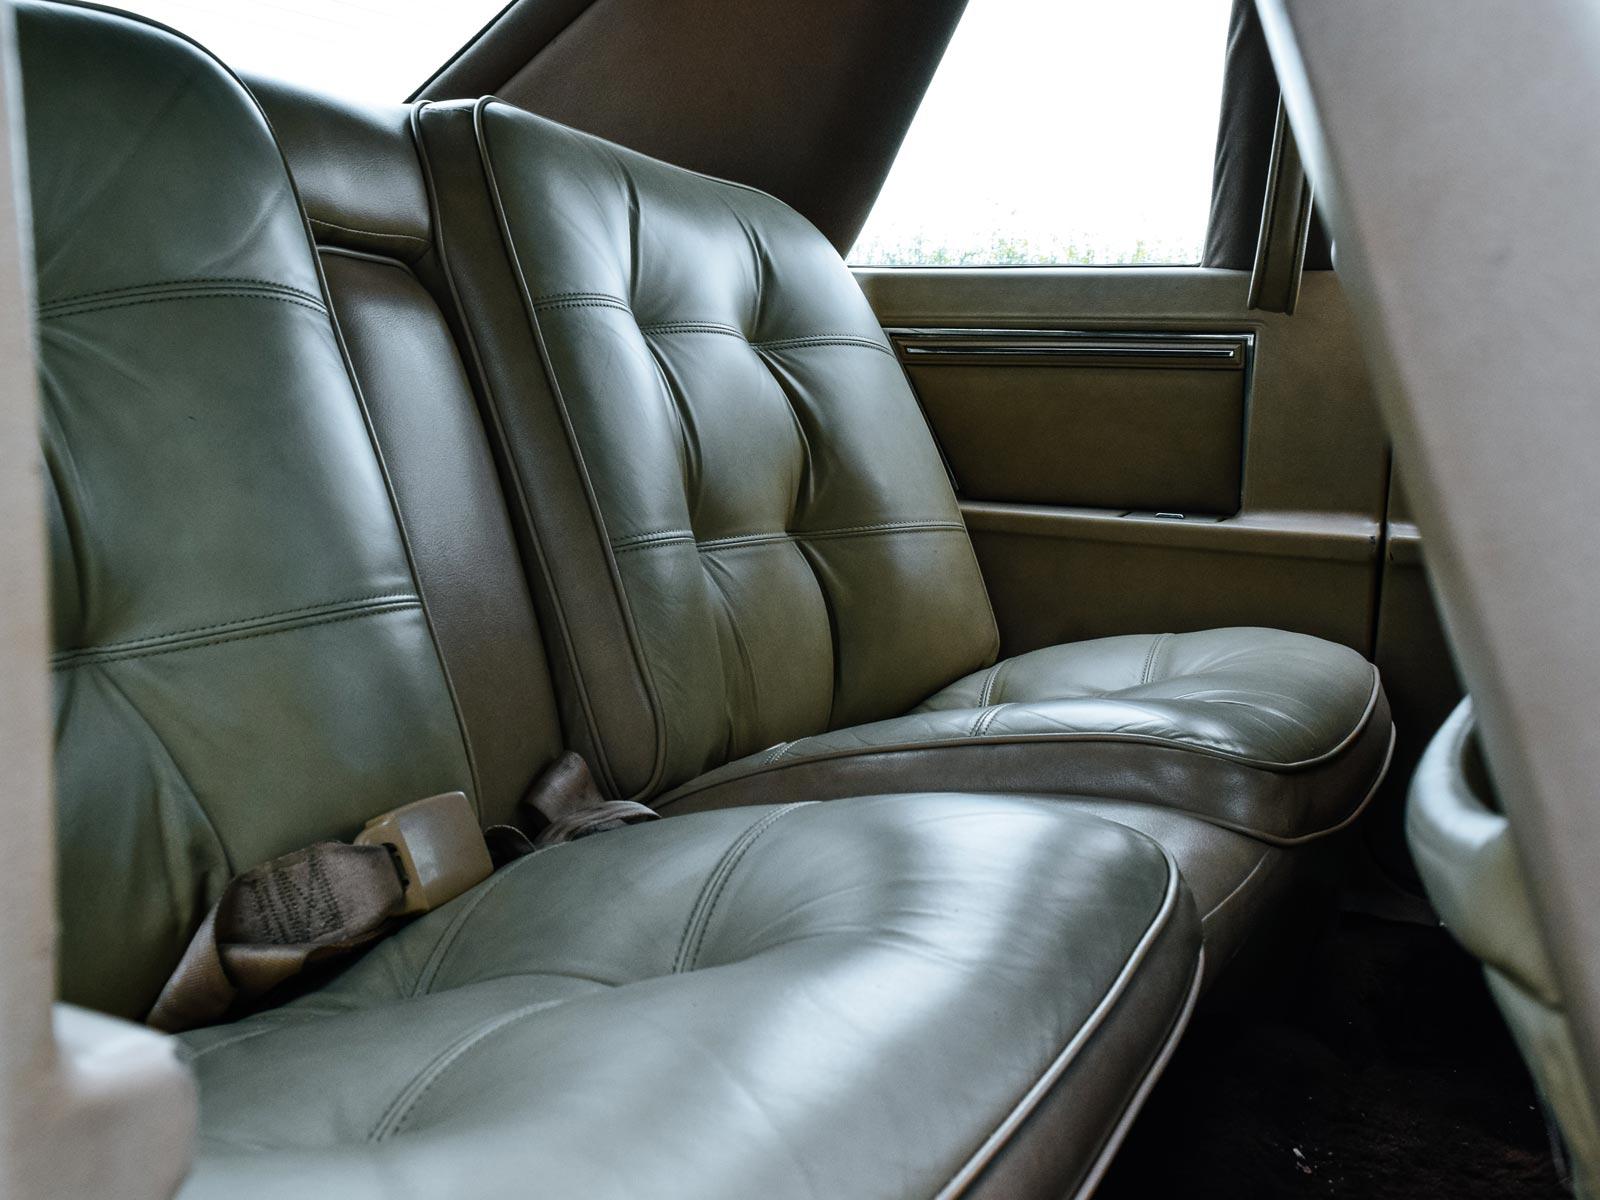 Interiør Chrysler Coupe 1988 modell.